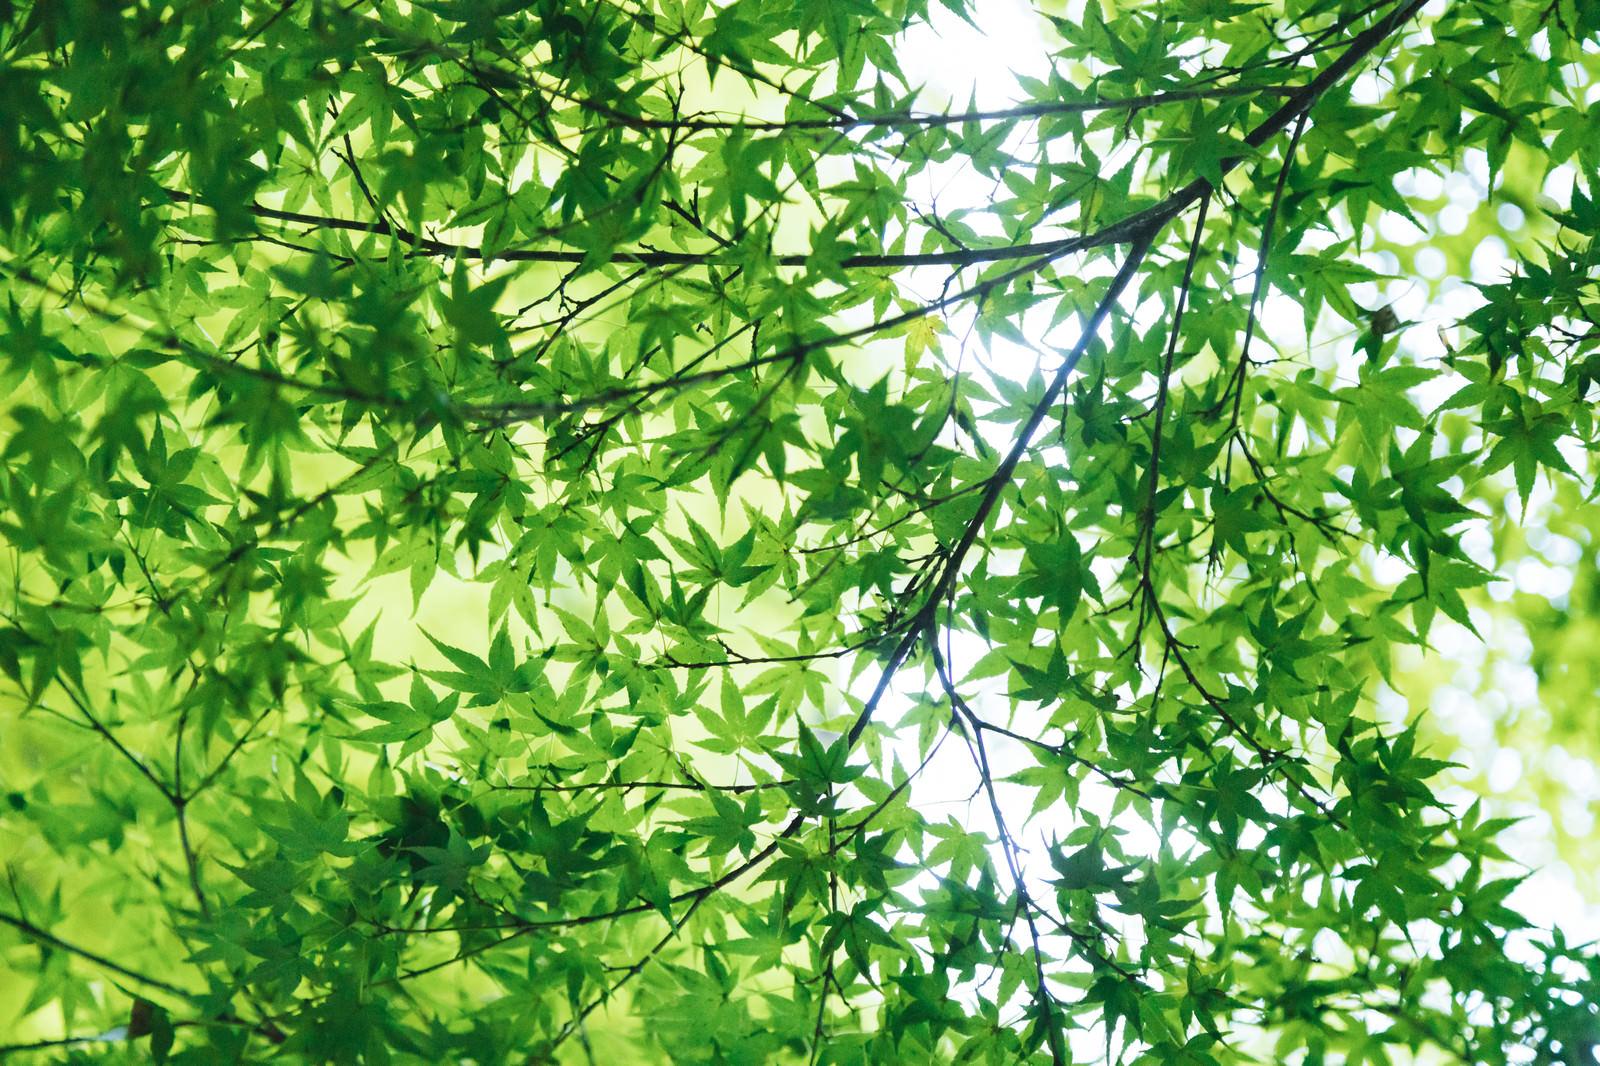 「新緑のもみじ新緑のもみじ」のフリー写真素材を拡大